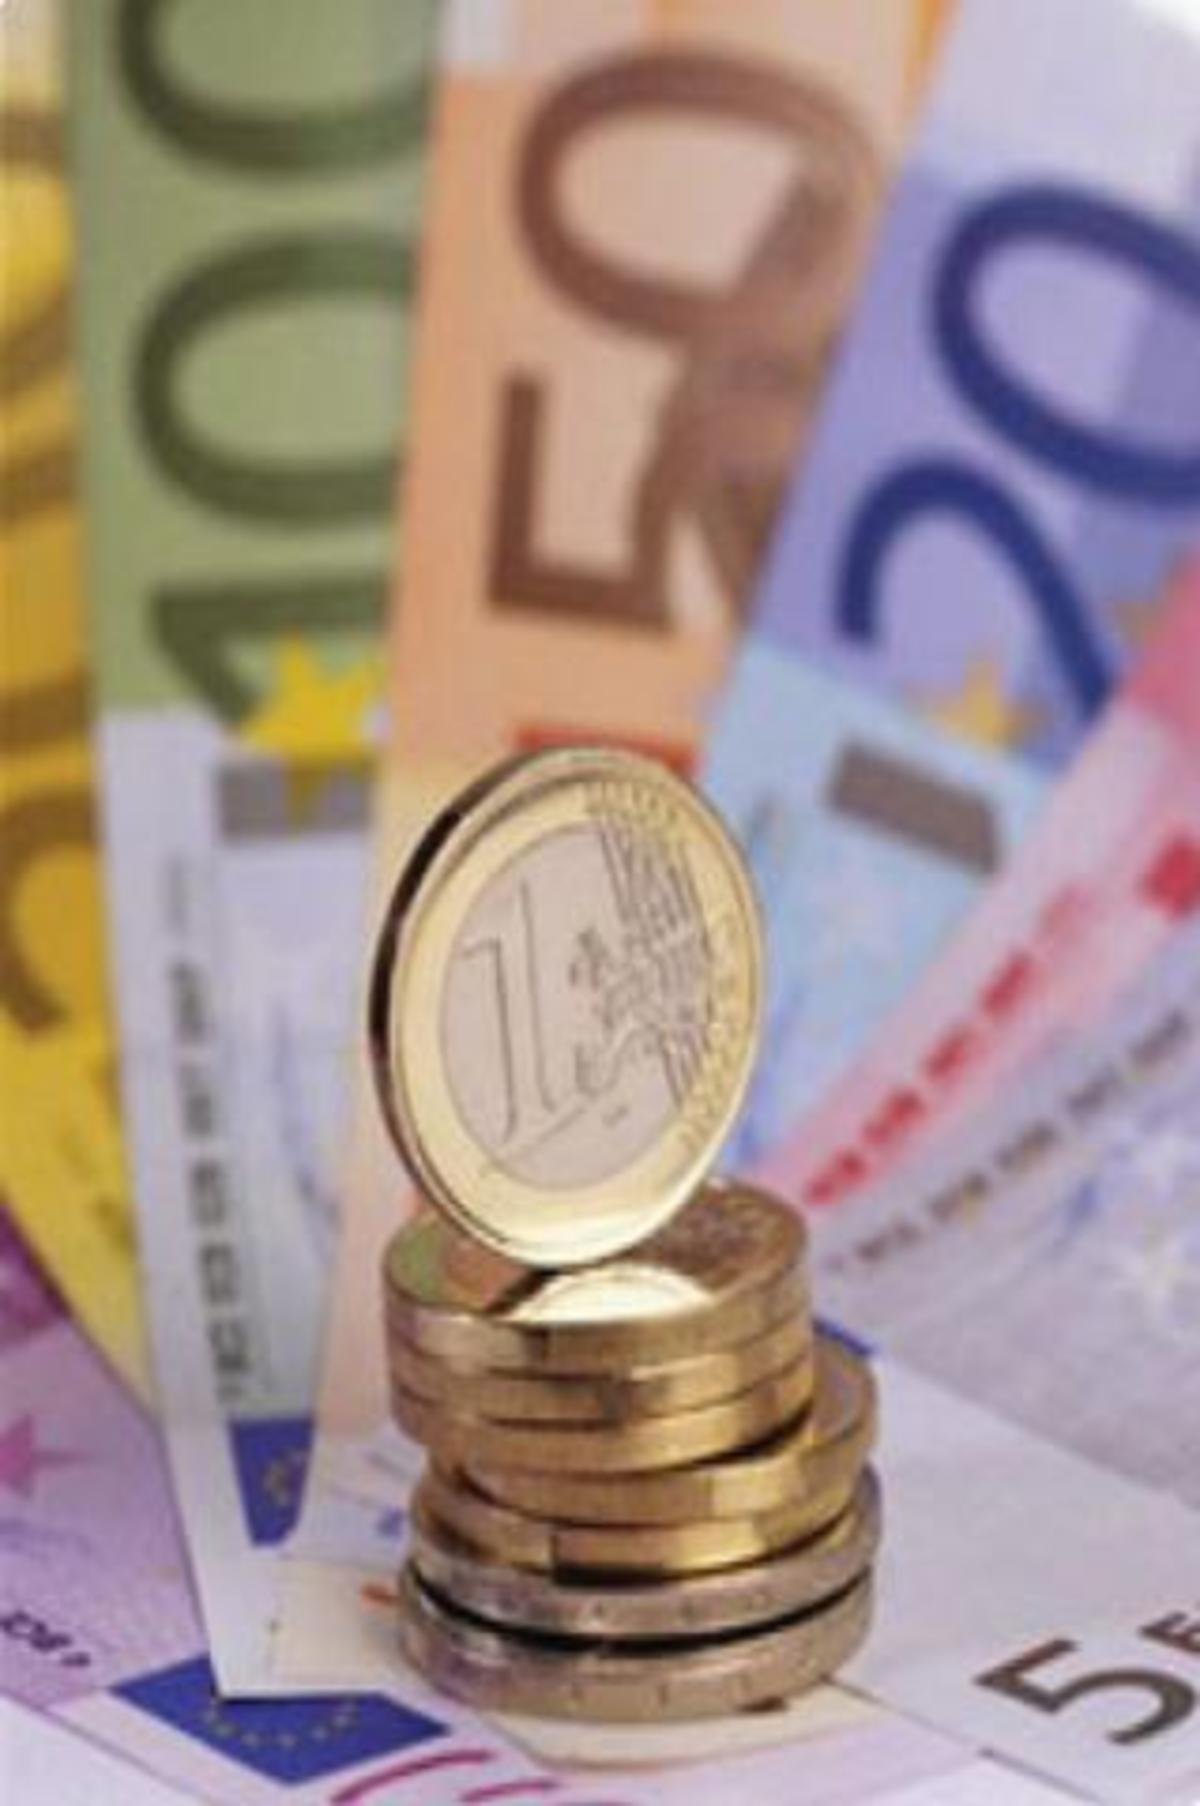 Ρευστοποιεί το Δημόσιο για να καλύψει χρέη